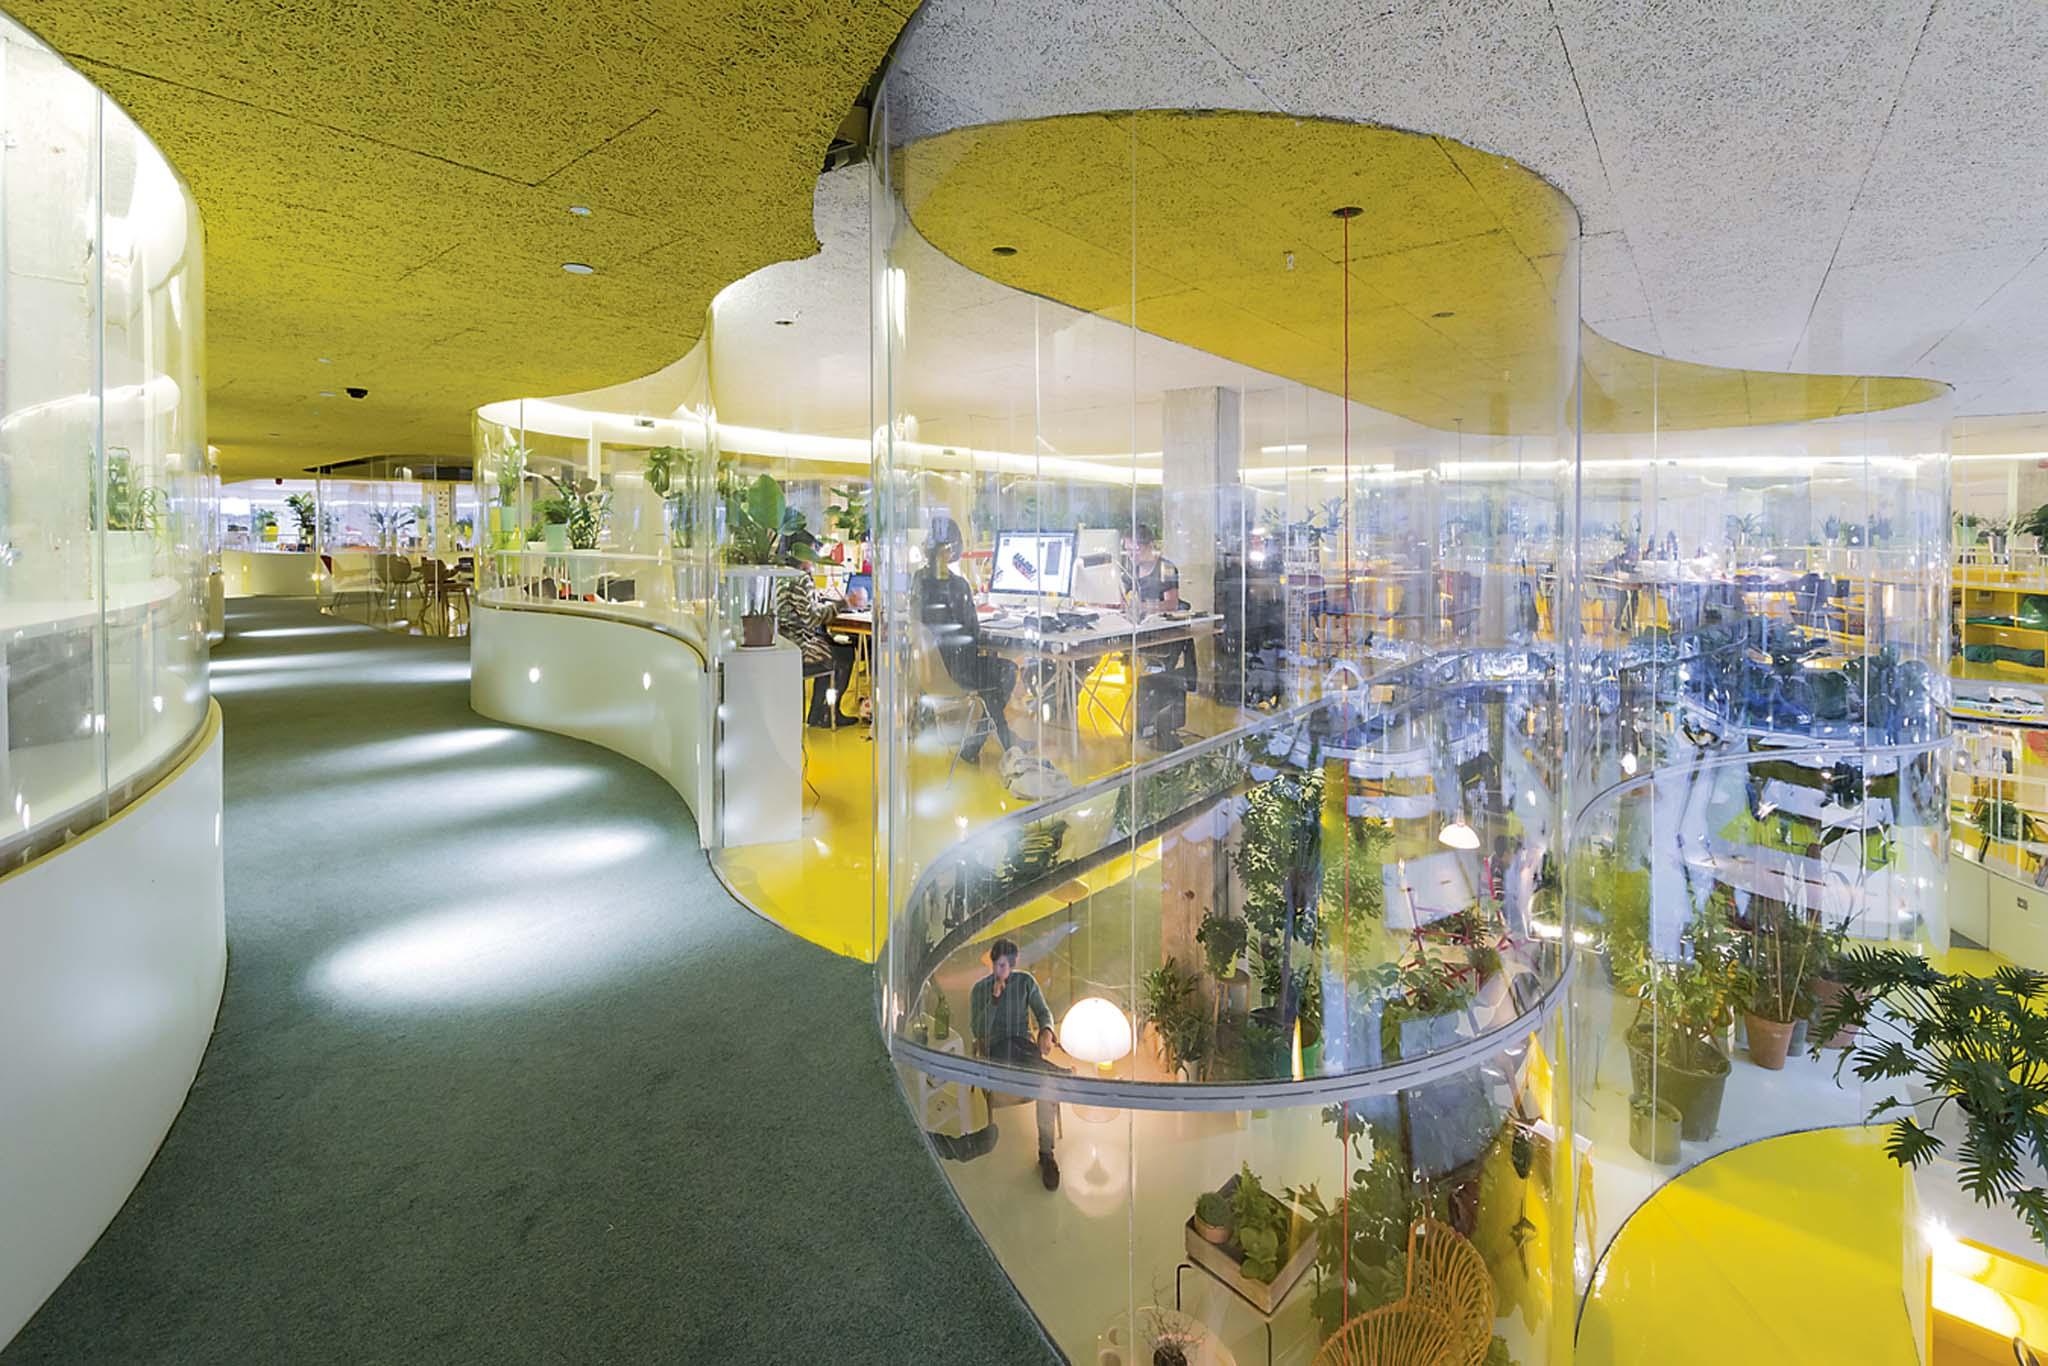 Selgascano espaces de coworking second home londres for Espace 3 architecture